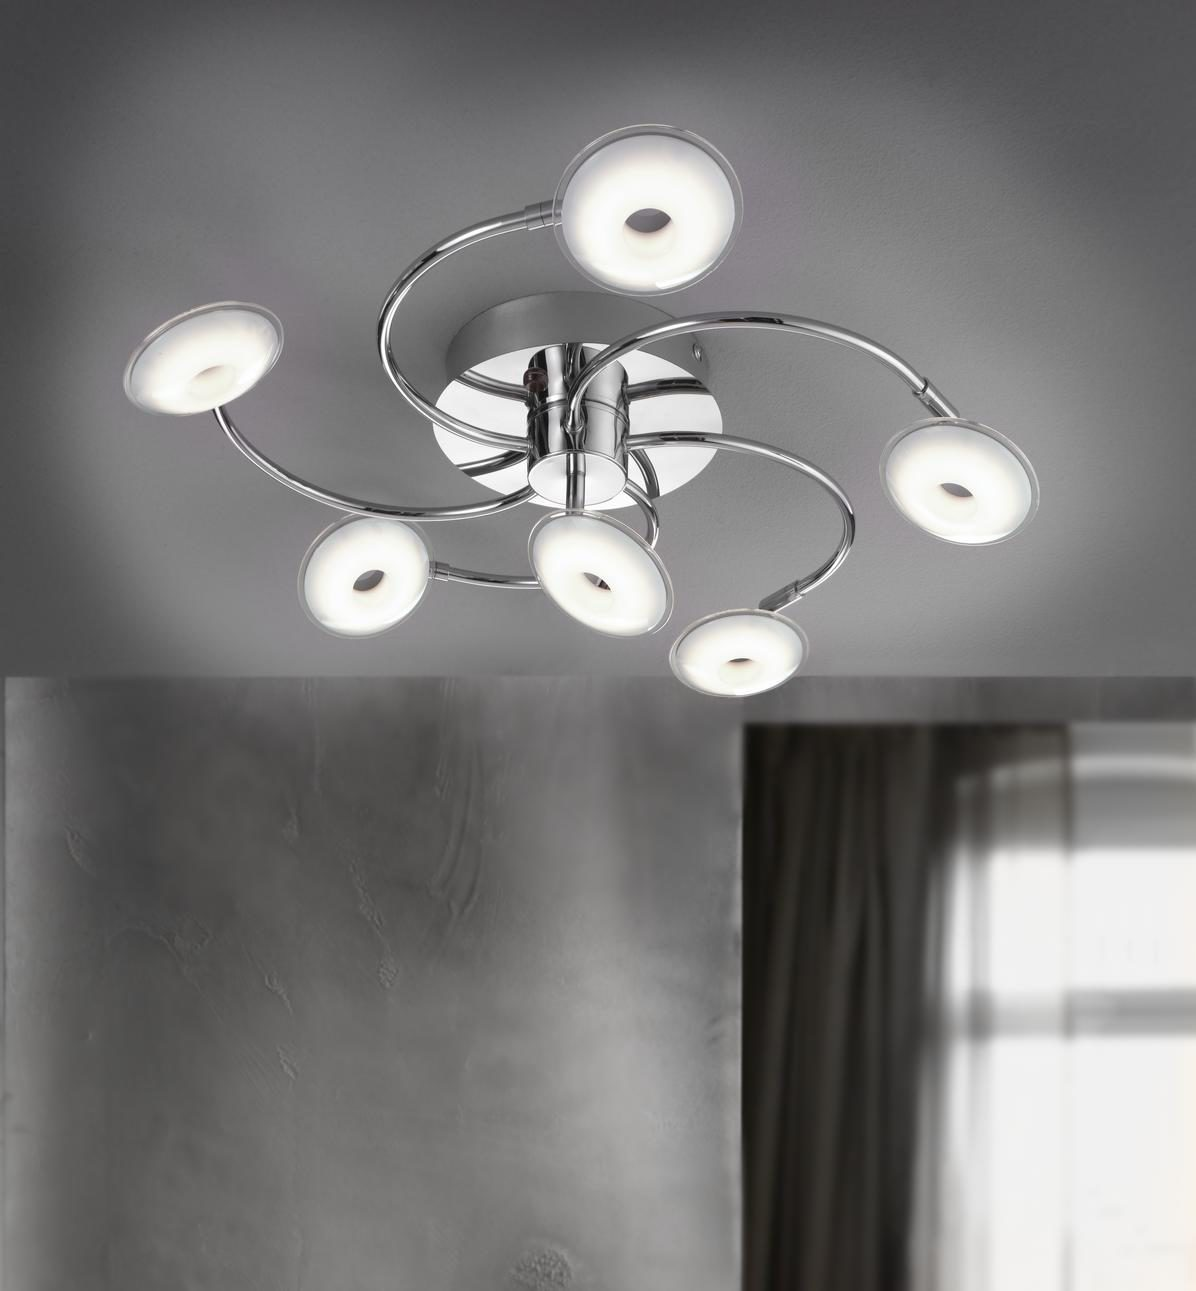 Led Beleuchtung Wohnzimmer Farbwechsel Schlafzimmer